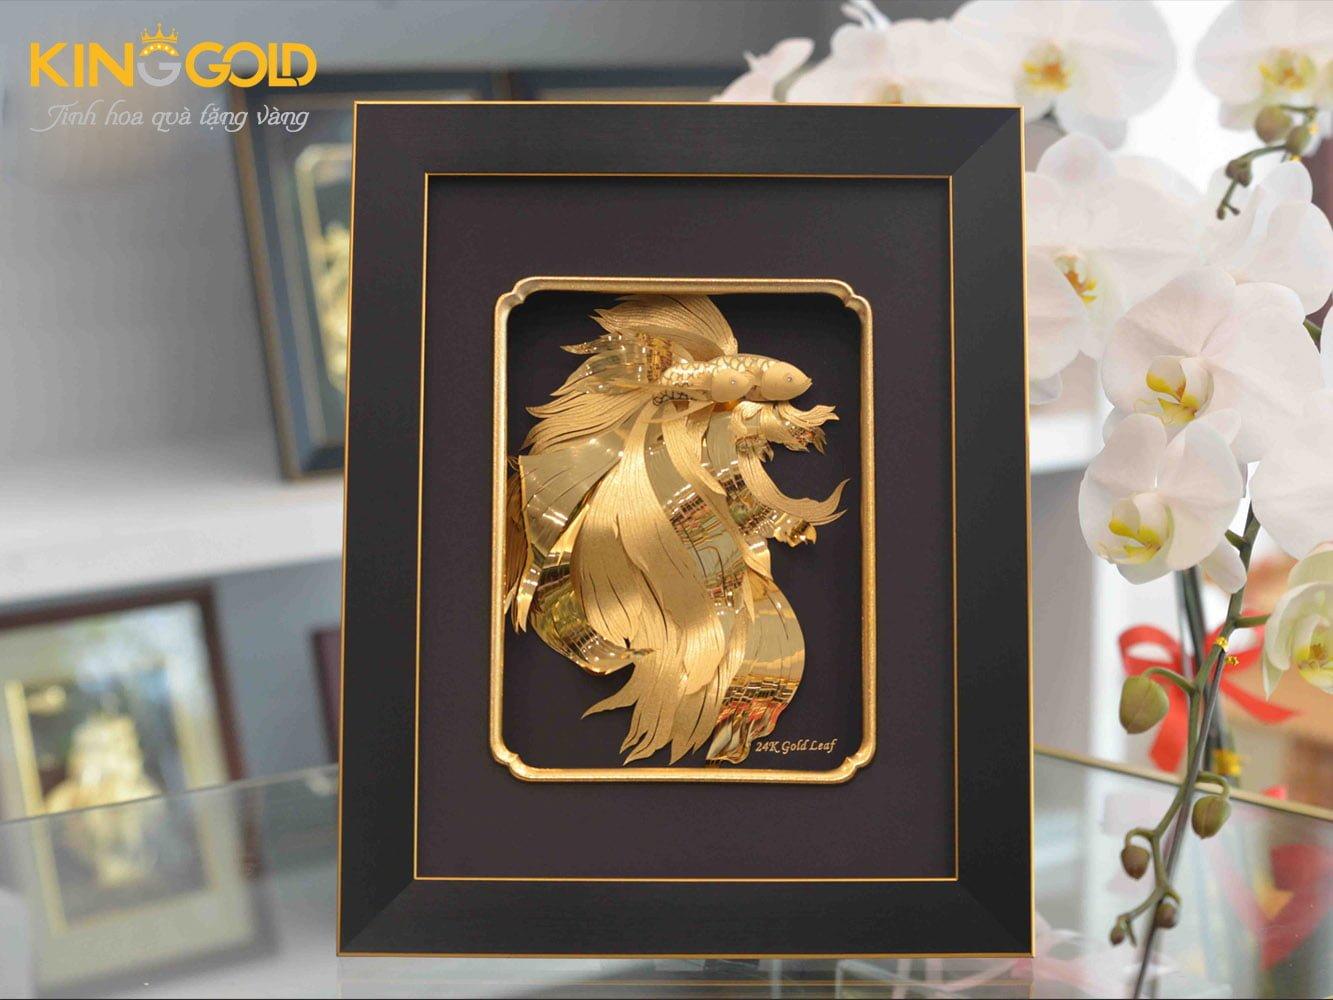 Tranh đôi cá vàng đẹp tinh xảo sản phẩm hoàn hảo Kinggold